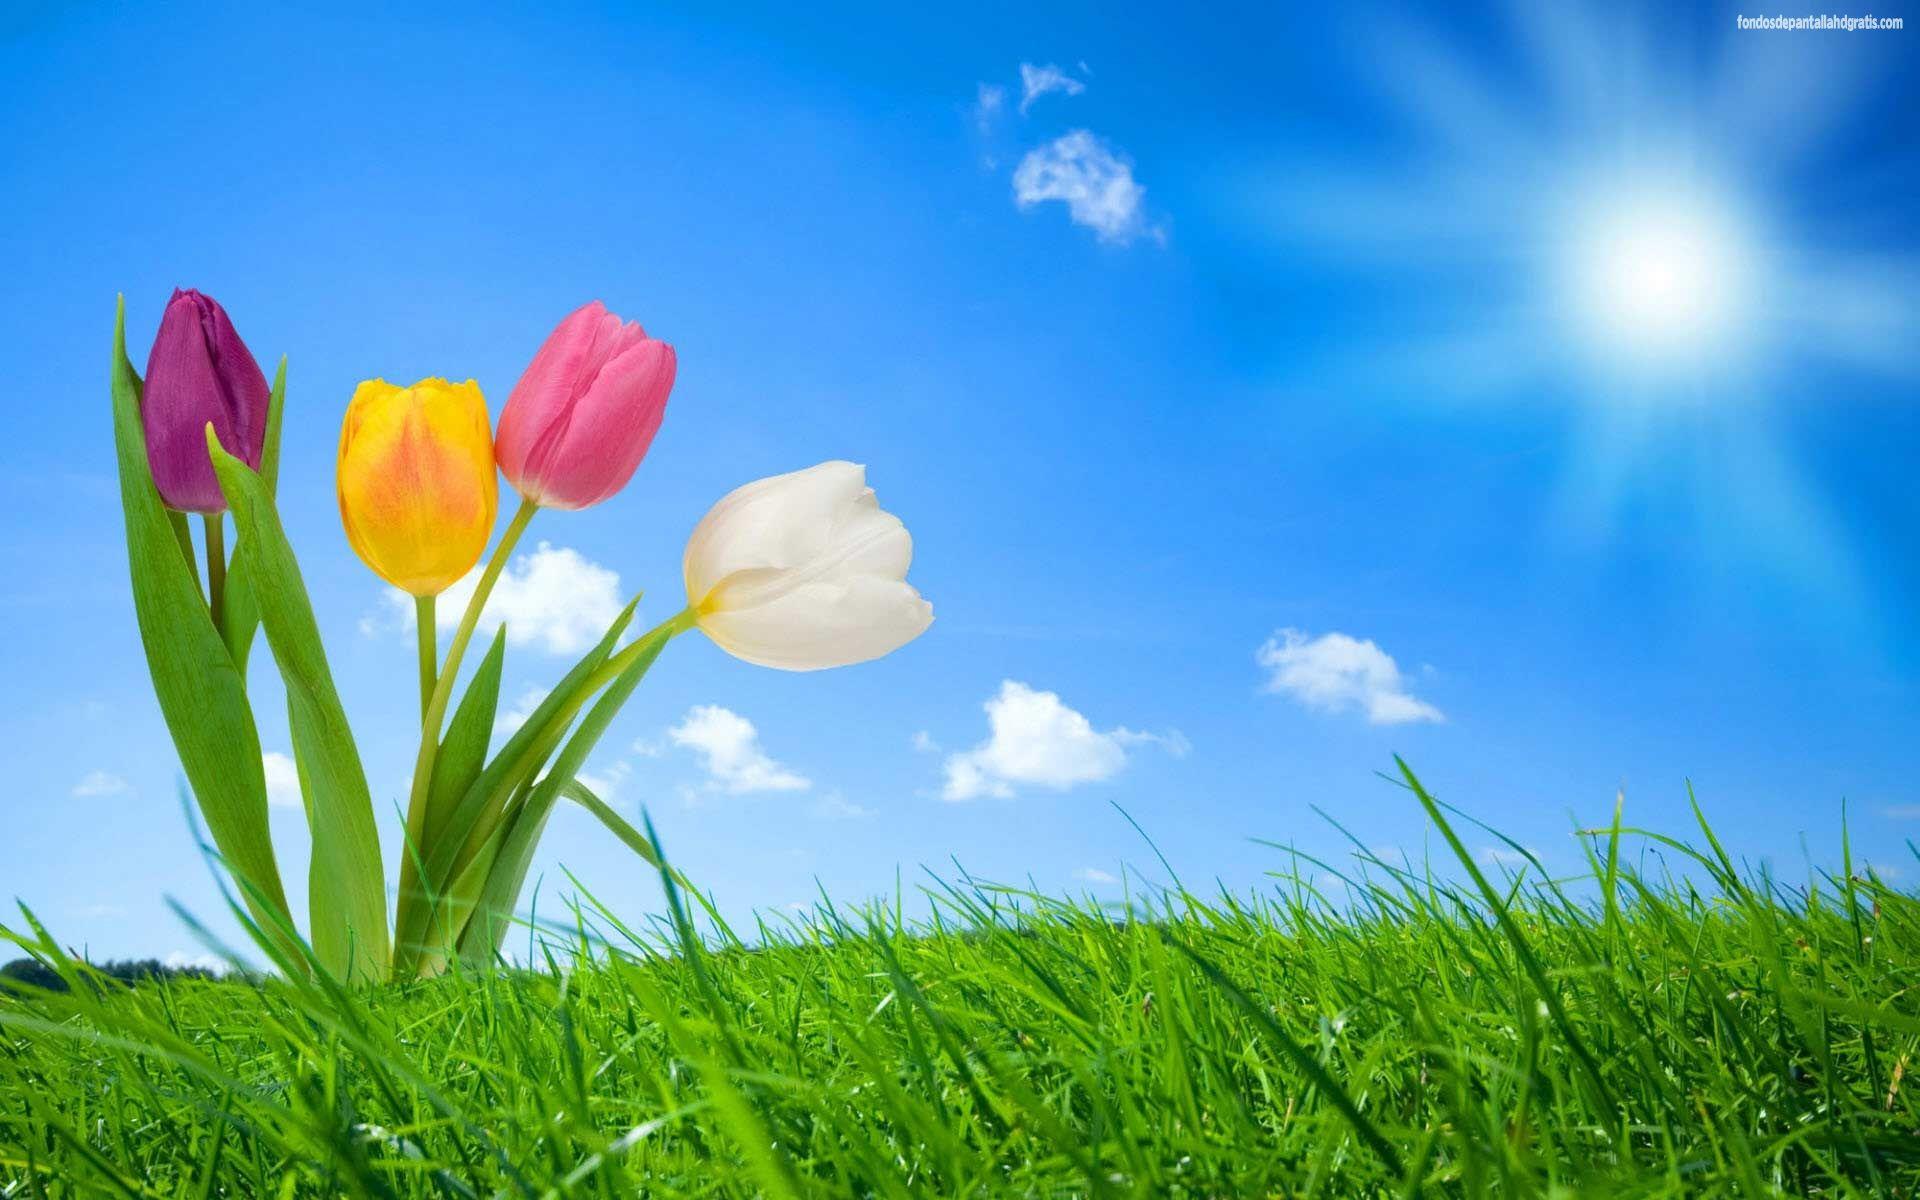 Fondos De Pantalla De Paisajes Para Descargar Gratis Para Fondo Celular En Hd 15 Fondos De Pantalla Paisajes Fondos De Pantalla Gratis Papel Pintado Flores